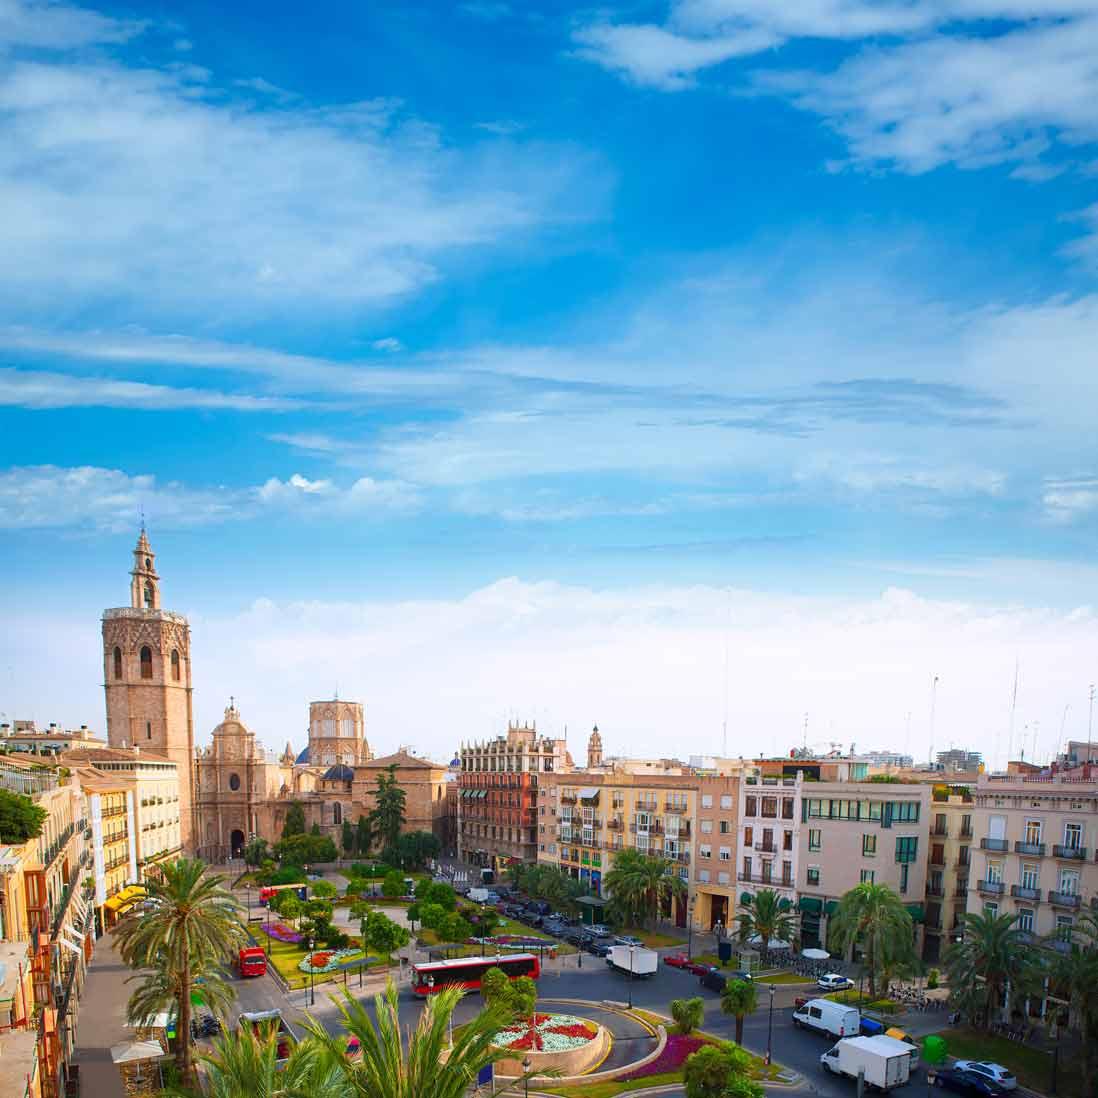 Foto aerea de la catedral de Santa Maria en Valencia